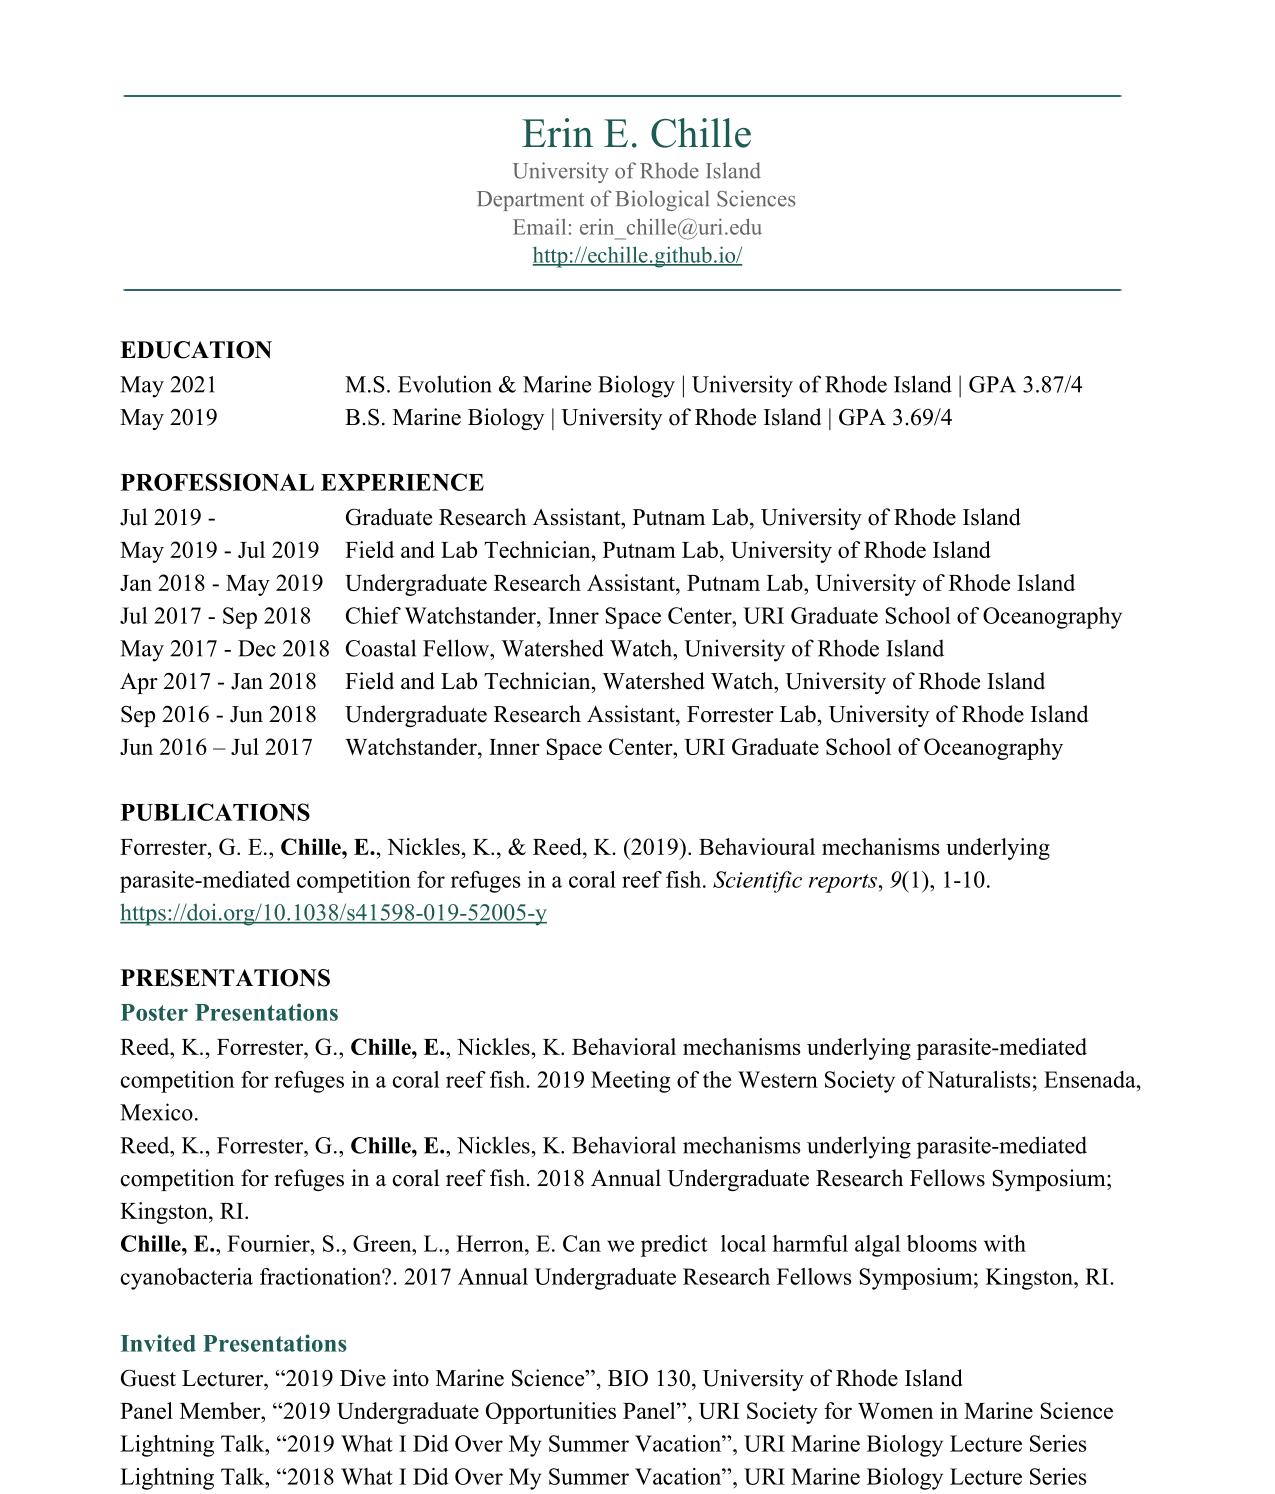 Chille_Erin_Curriculum_Vitaep1